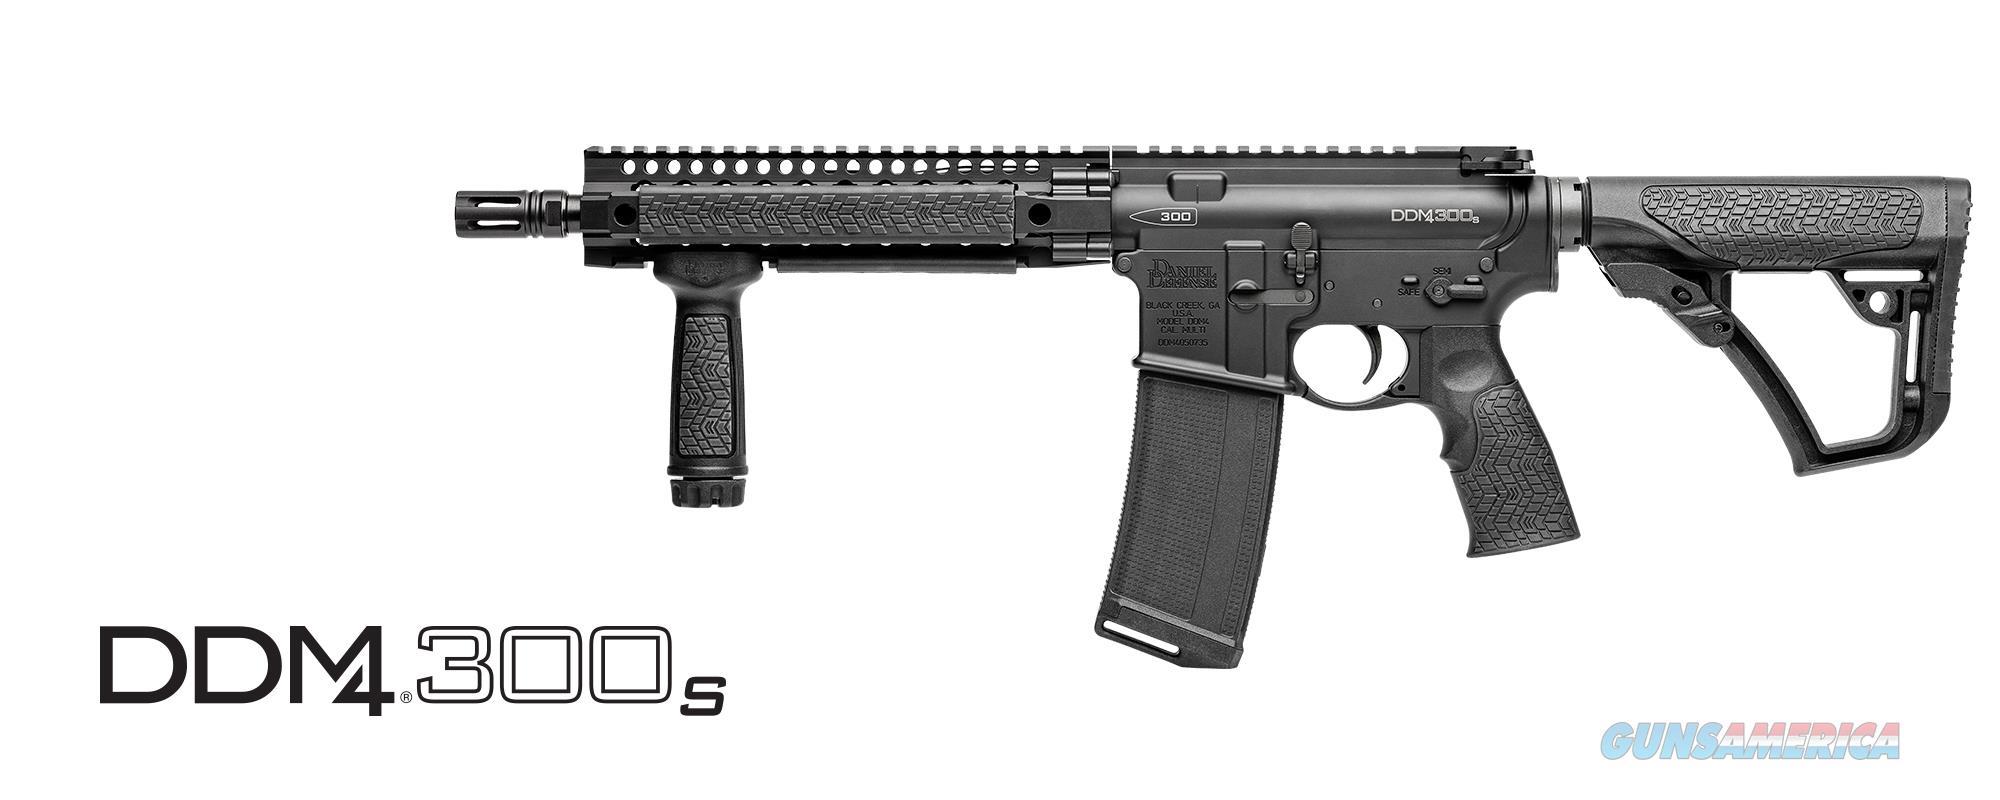 Daniel Defense DDM4 300S 300 BLK 02-122-17026-047   Guns > Rifles > Class 3 Rifles > Class 3 Subguns